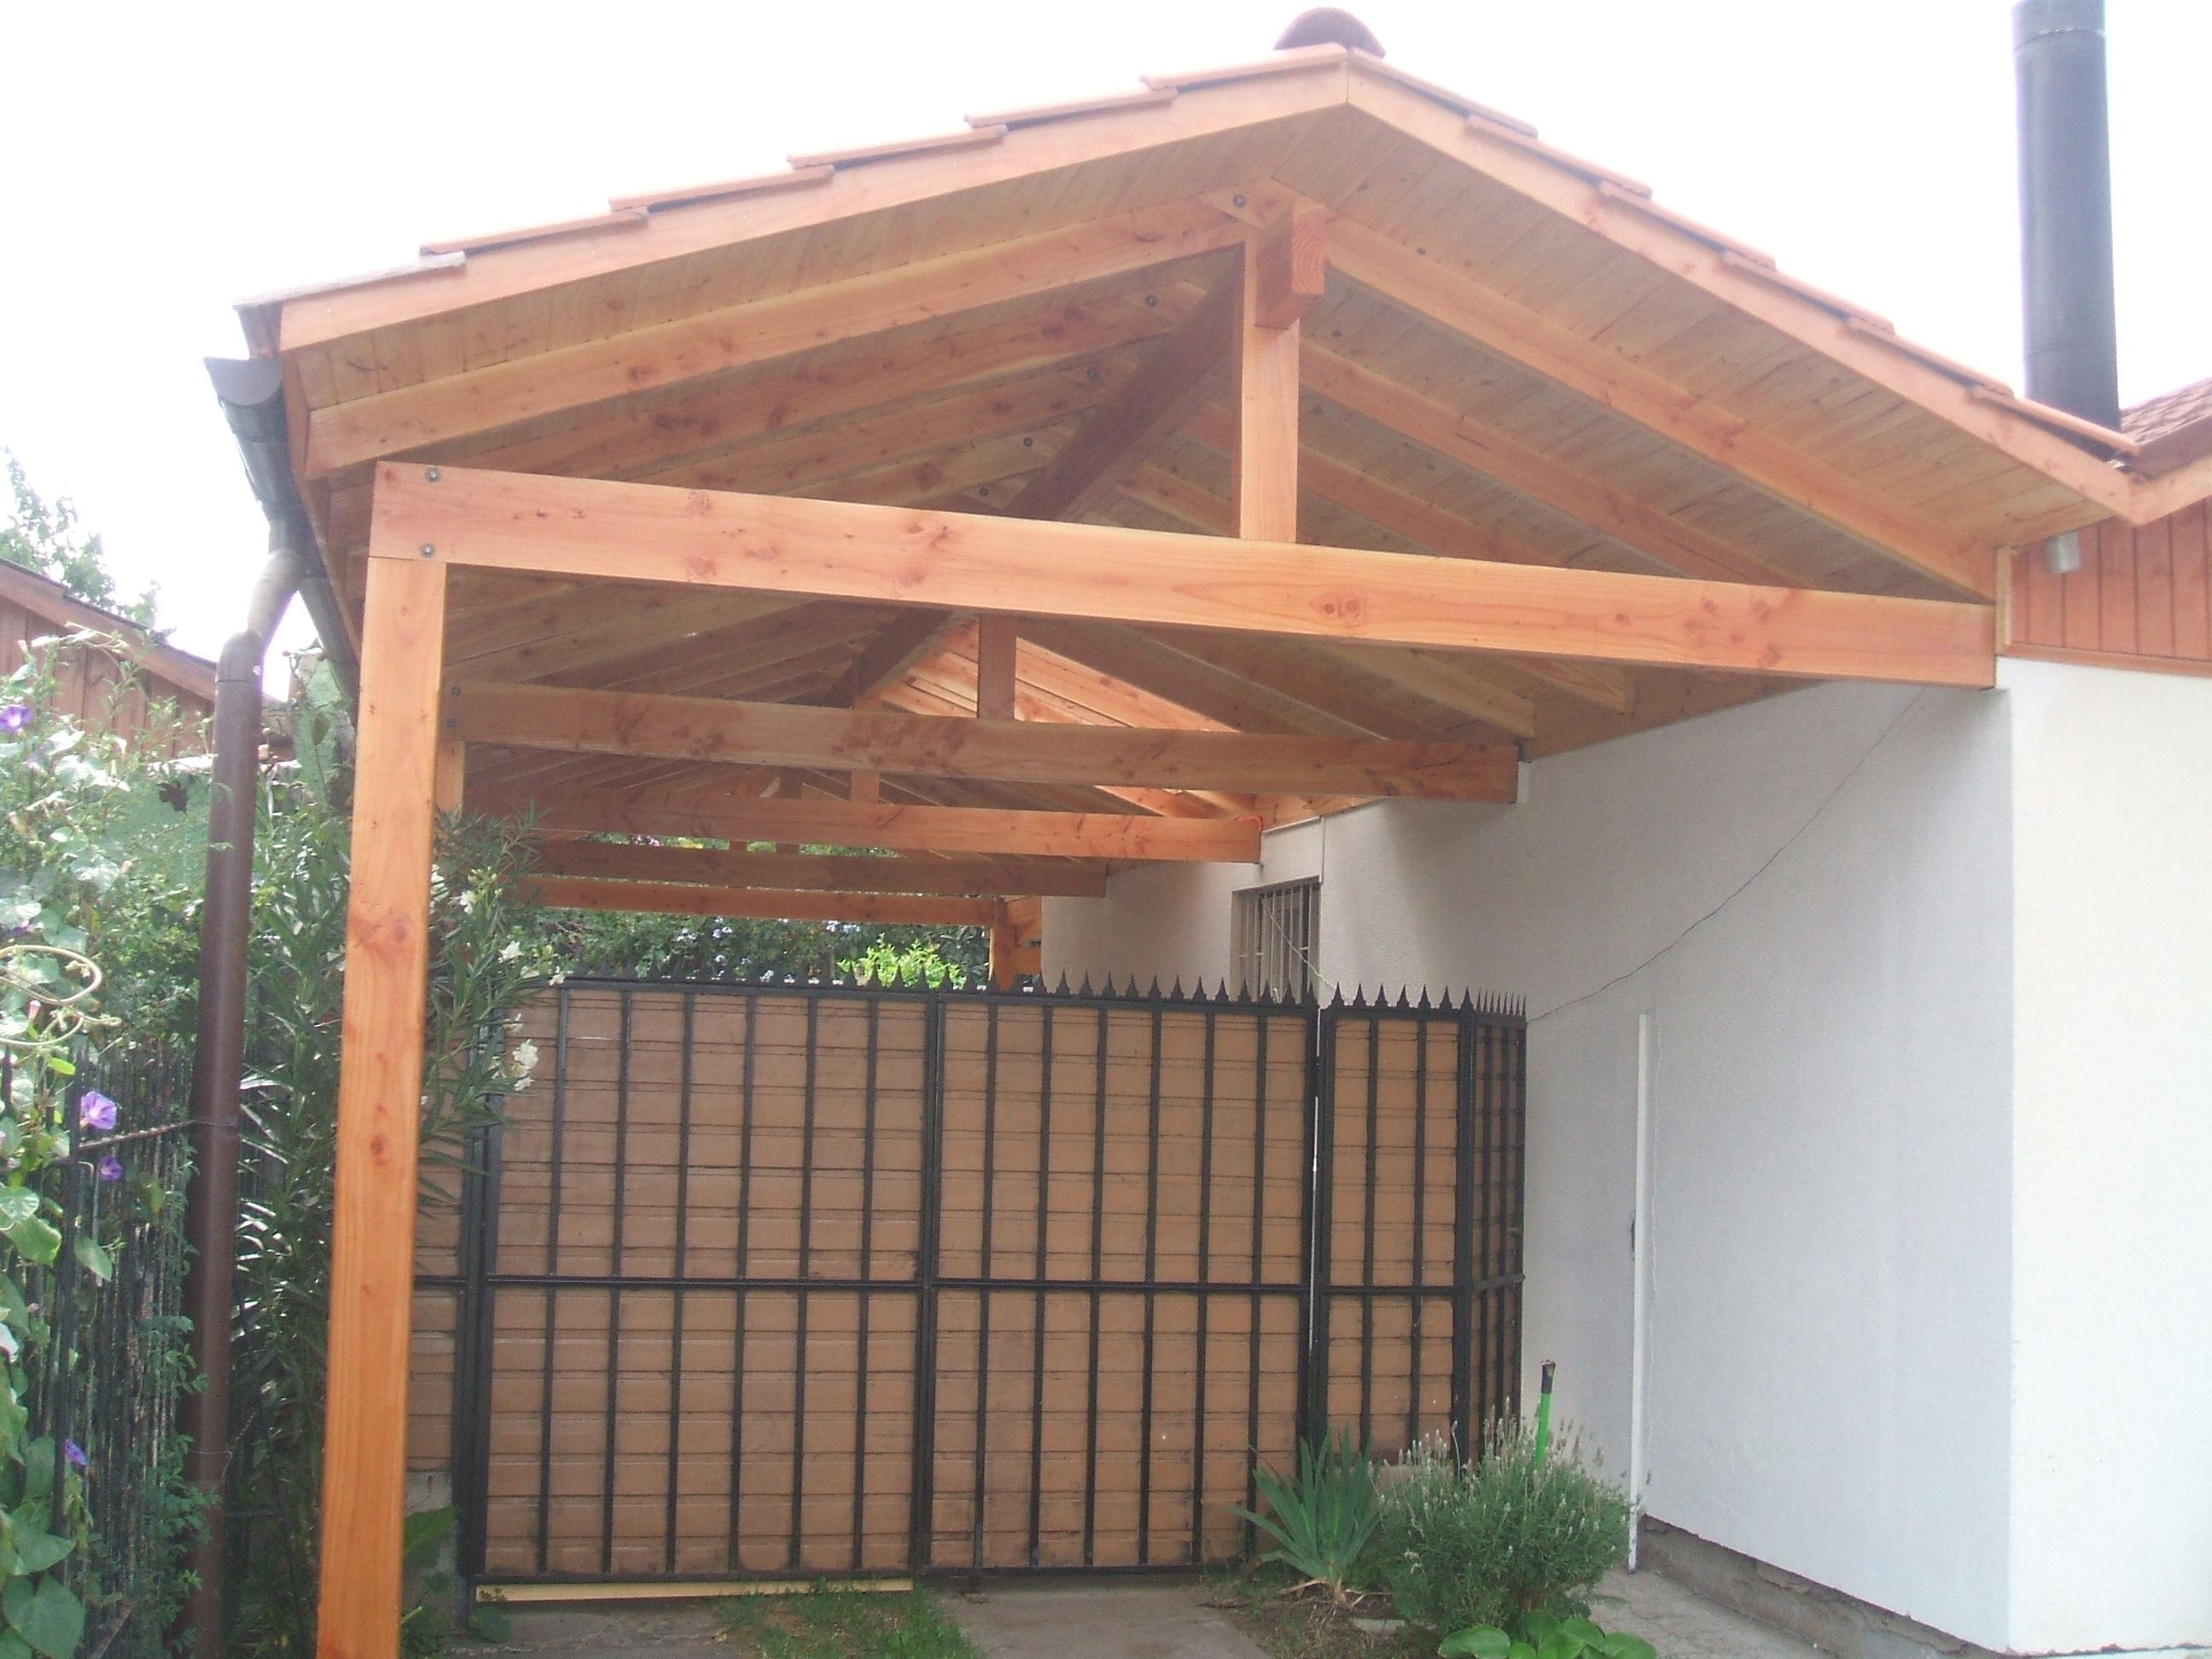 Creacion construcciones pergolas y dise os for Cobertizos madera economicos